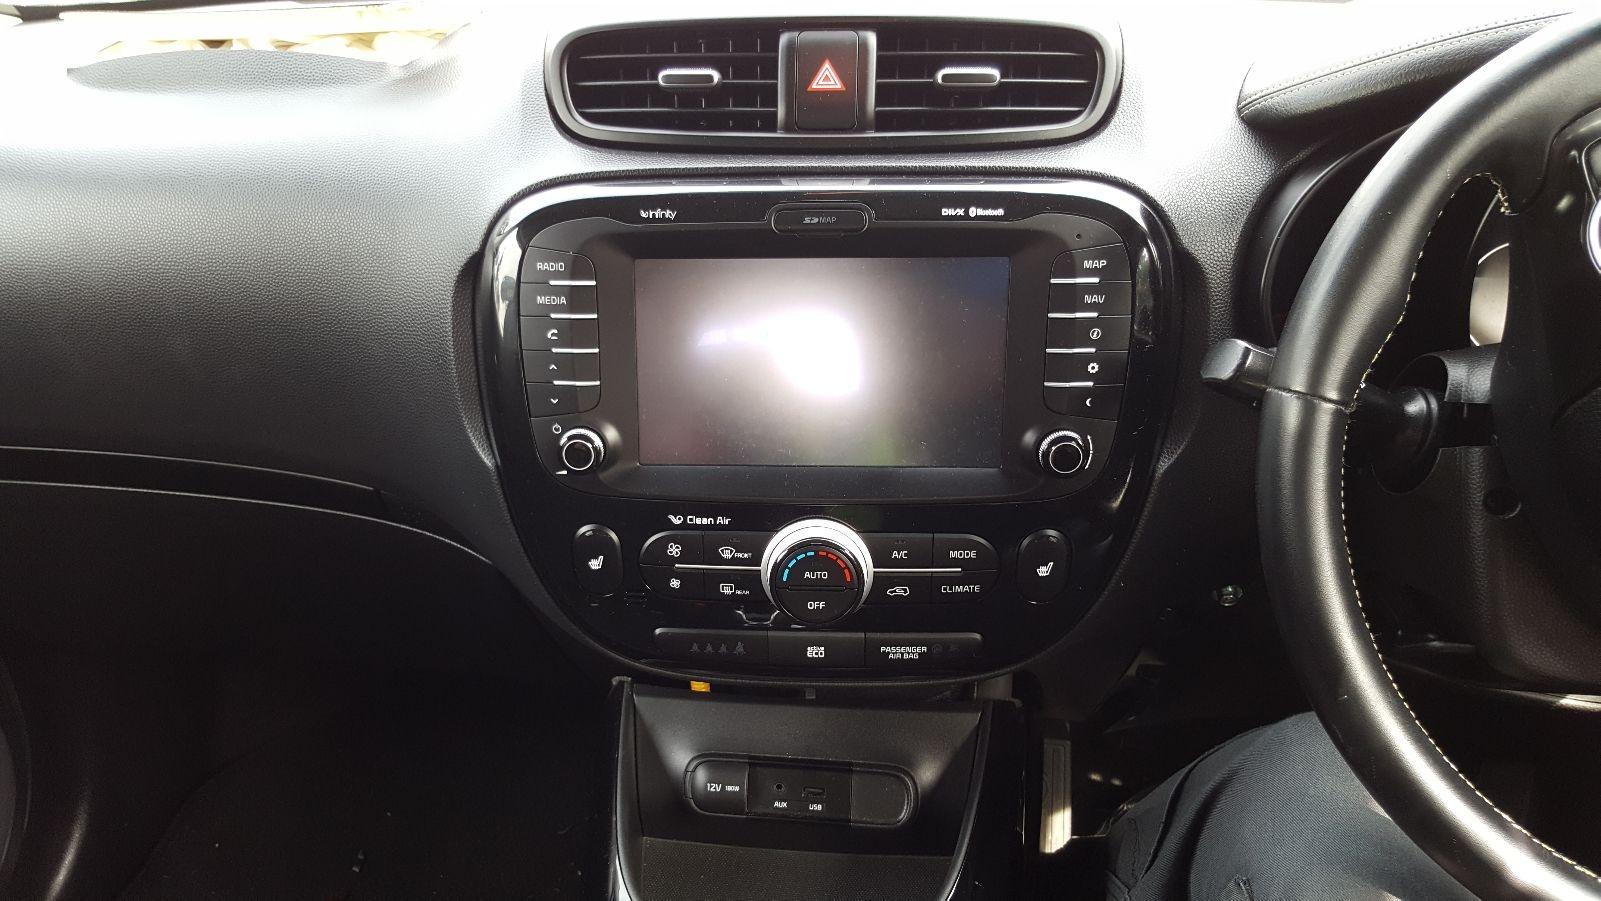 View Auto part Kia Soul 2015 5 Door Hatchback